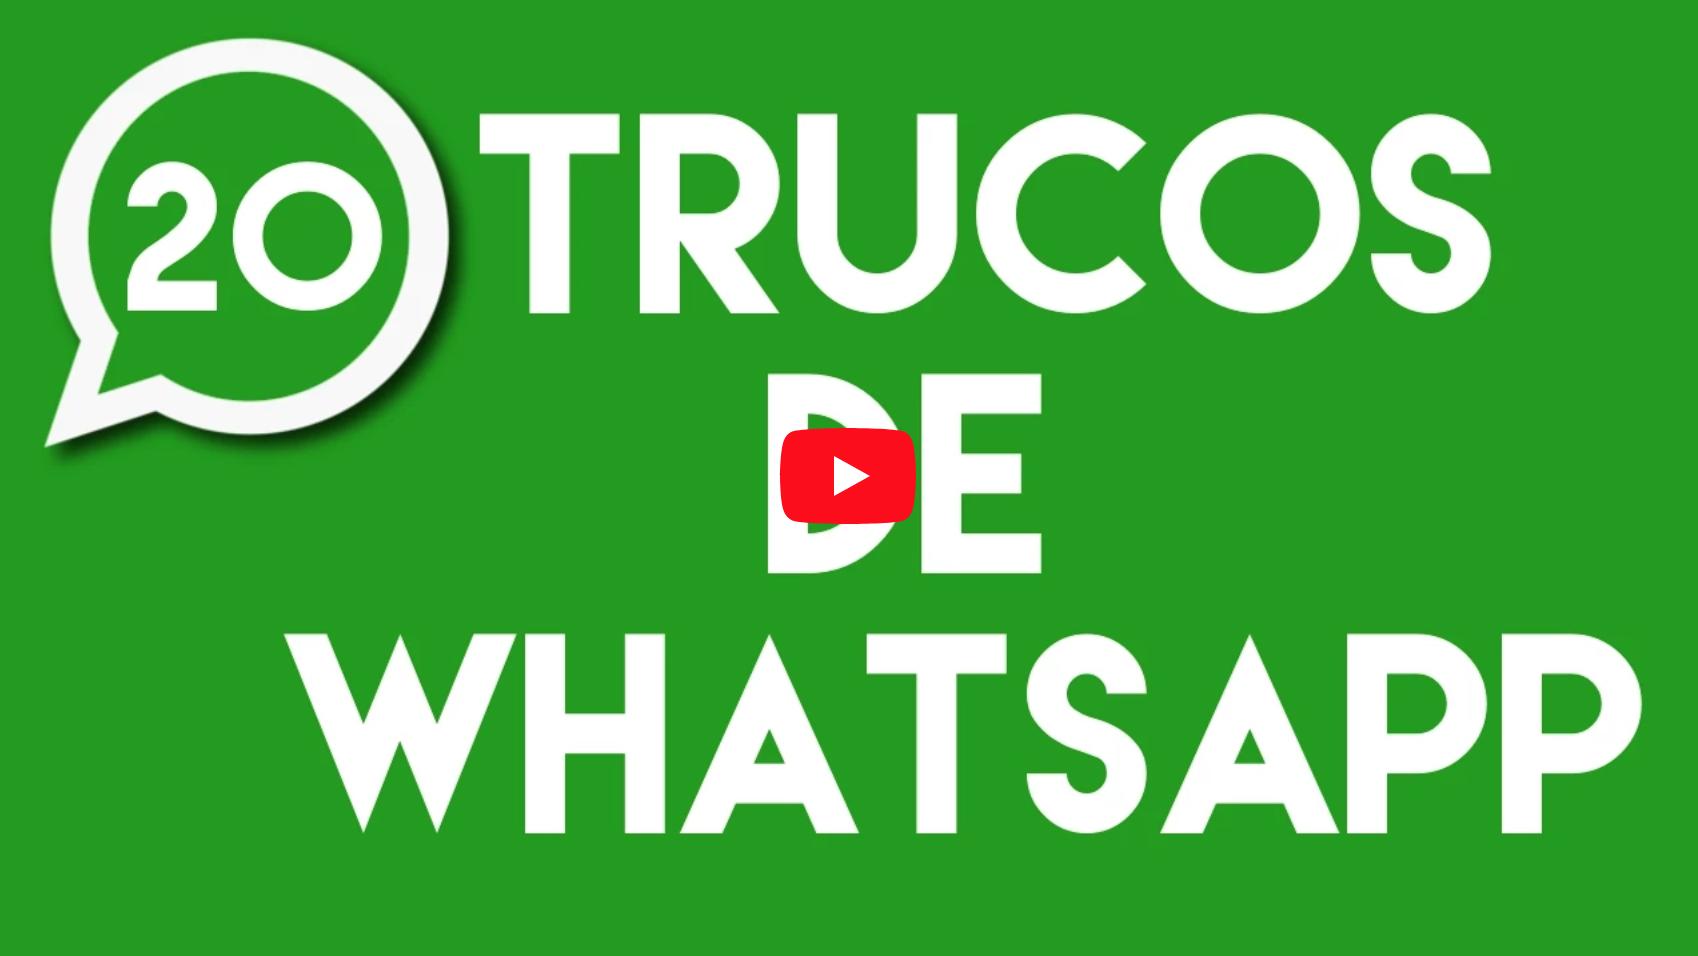 20 trucos de whatsapp - infibra pozoblanco